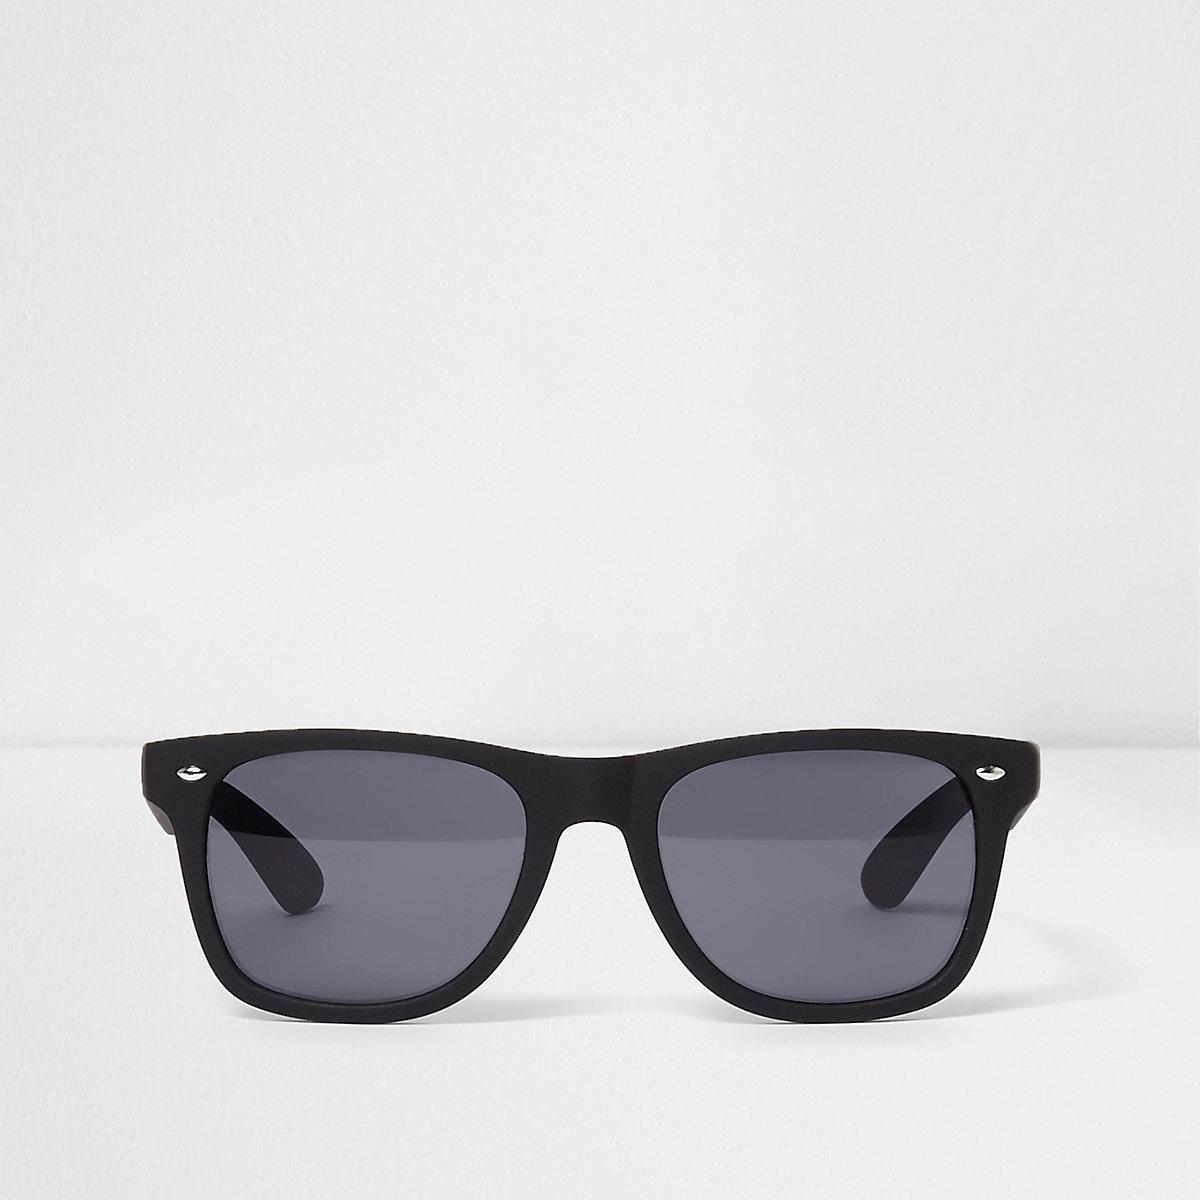 Black rubberised retro square sunglasses